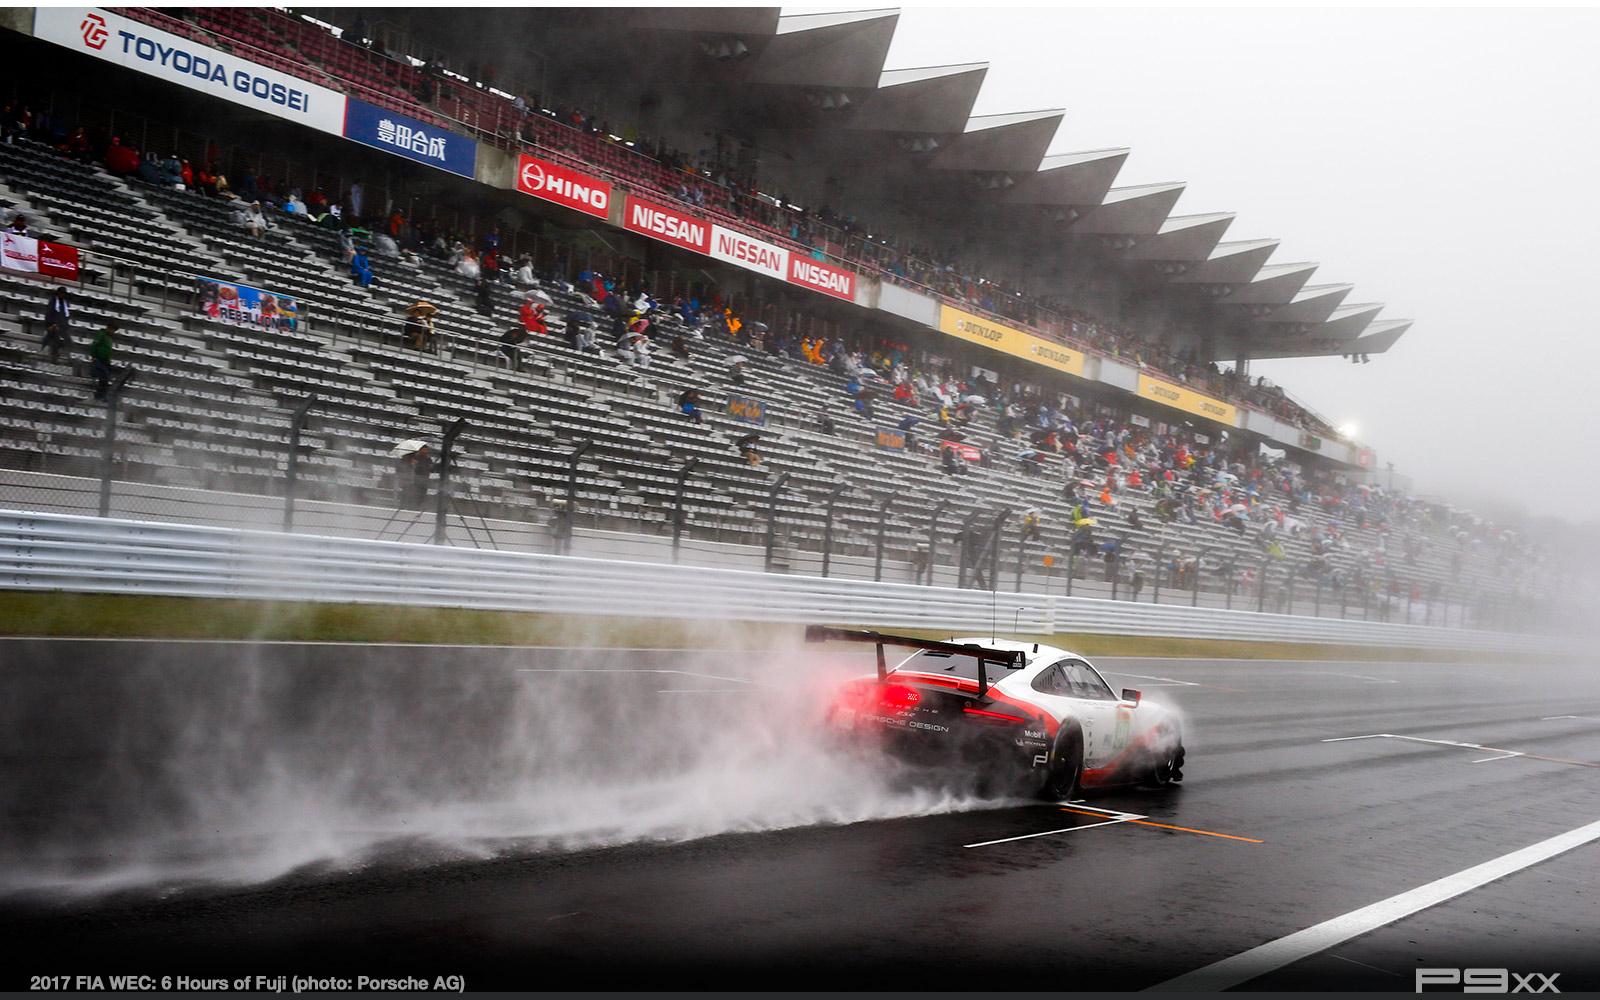 2017-FIA-WEC-6h-of-Fuji-Porsche-487